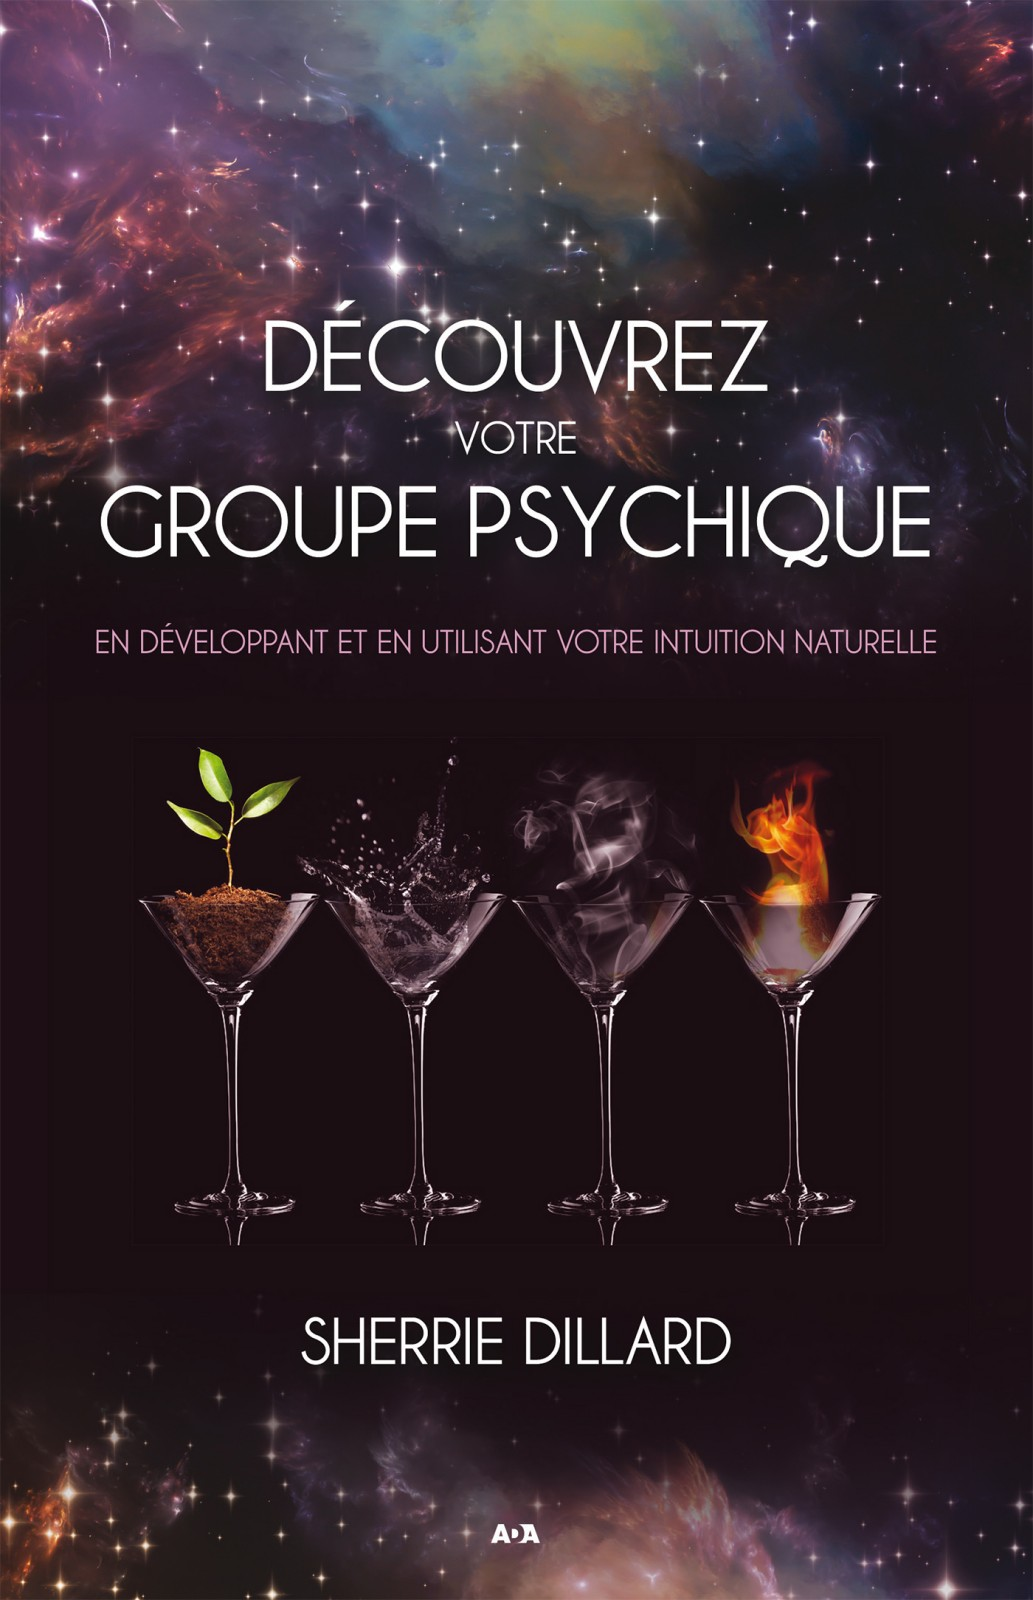 Découvrez votre groupe psychique